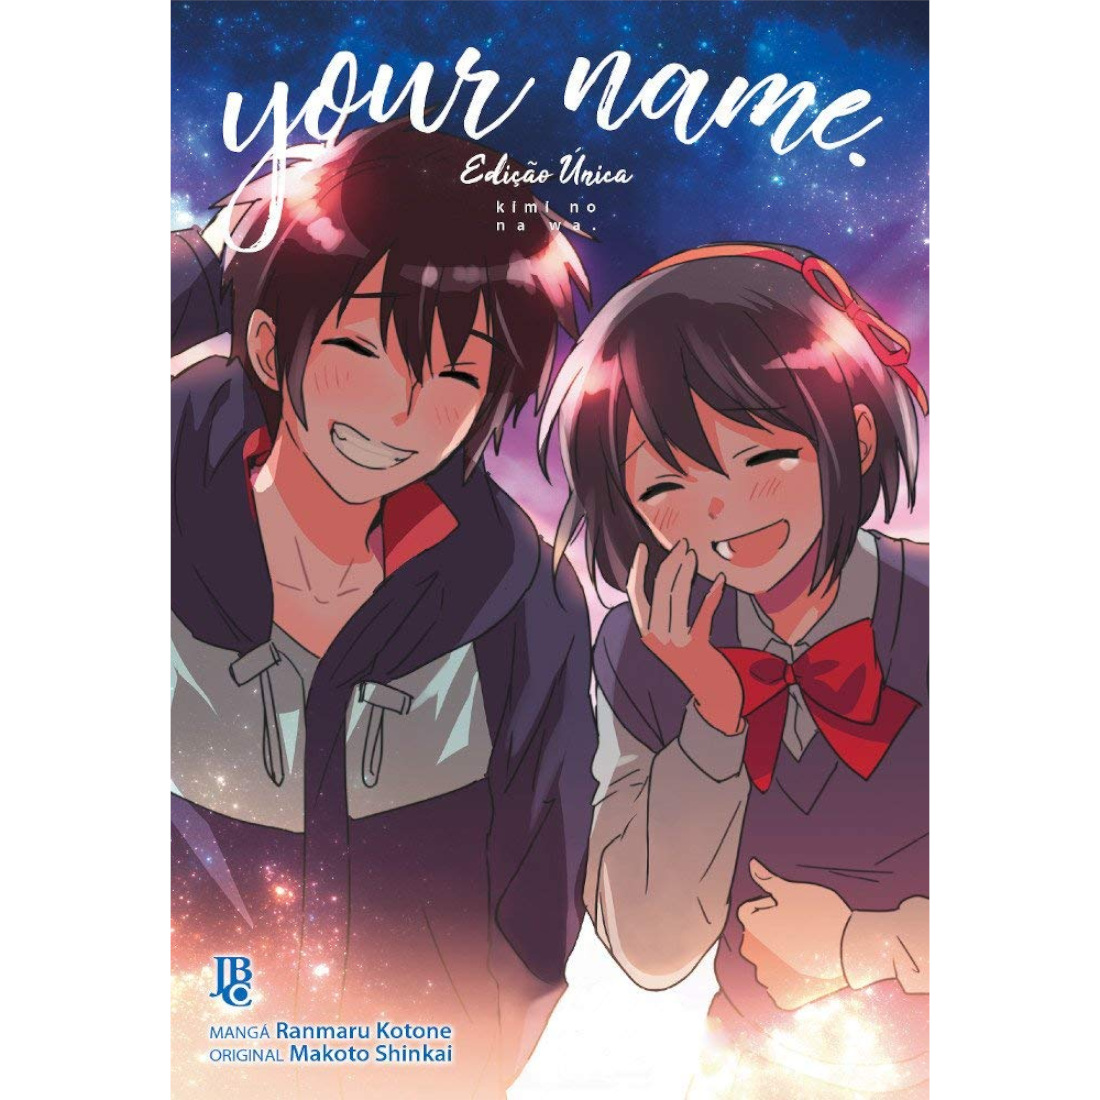 Your Name Edição Única